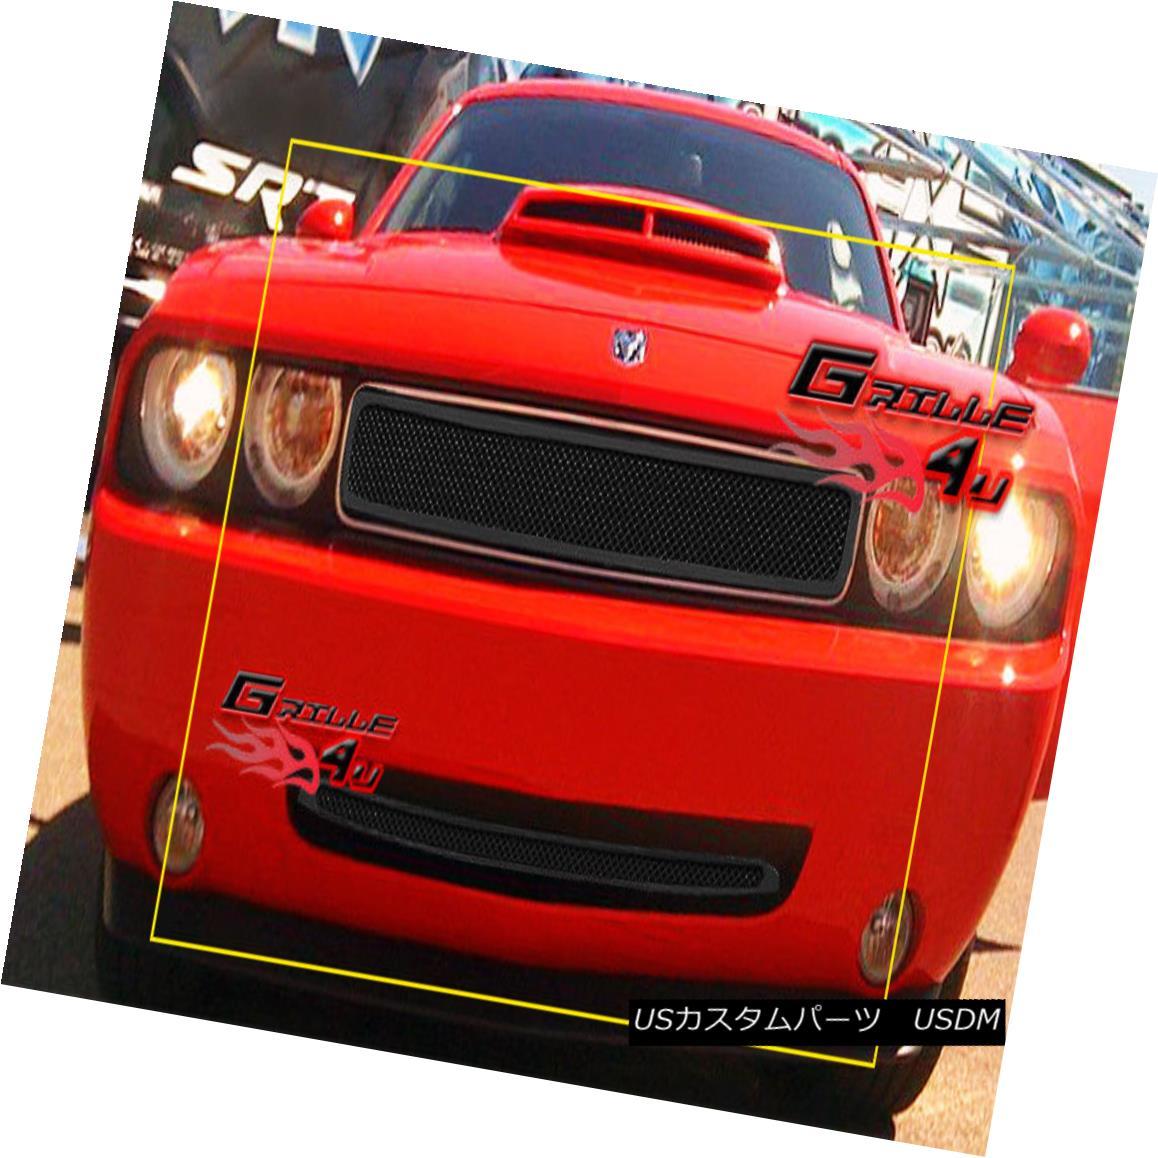 グリル For 09-10 Dodge Challenger Black Stainless Steel Mesh Grille Combo 09-10ドッジチャレンジャーブラックステンレスメッシュグリルコンボ用